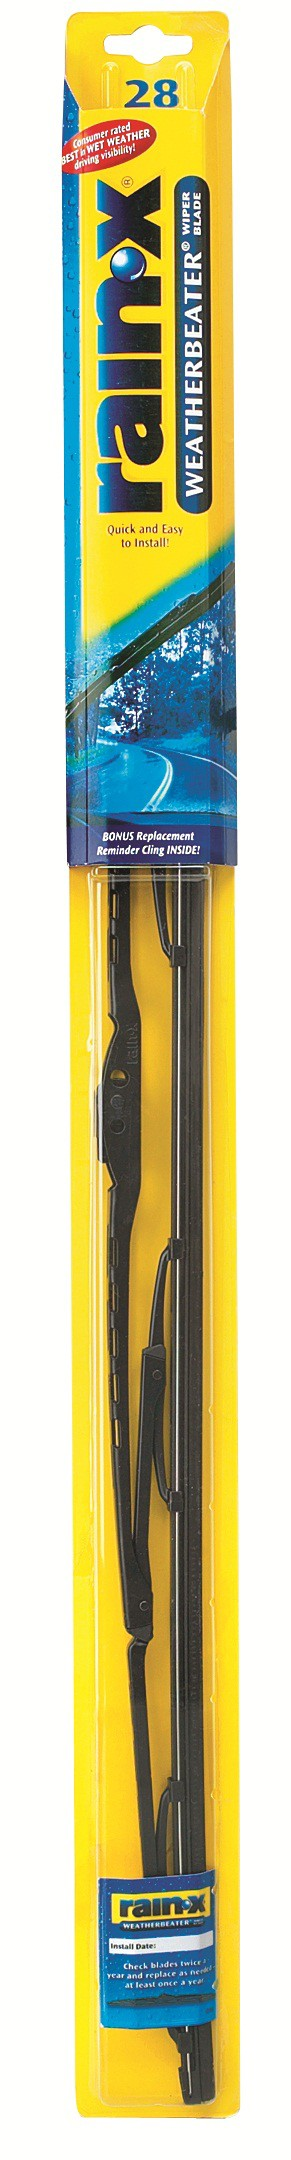 RAIN X - Rain-X Weatherbeater Windshield Wiper Blade - RNX RX30228